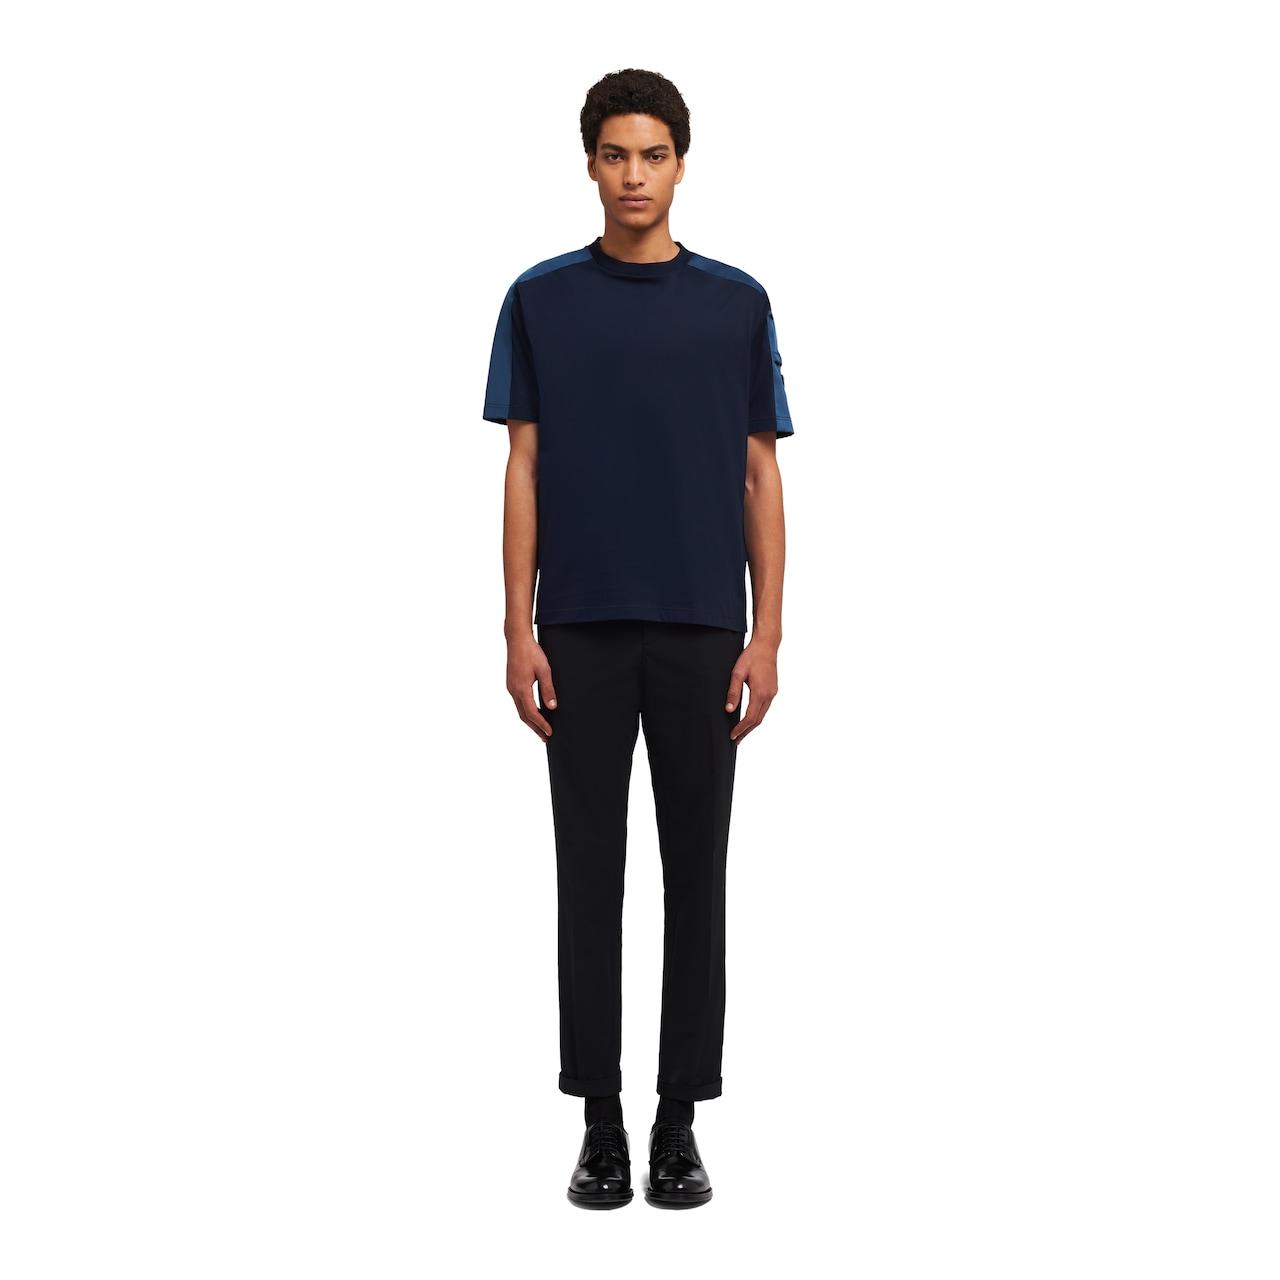 Prada 平纹针织T 恤 2